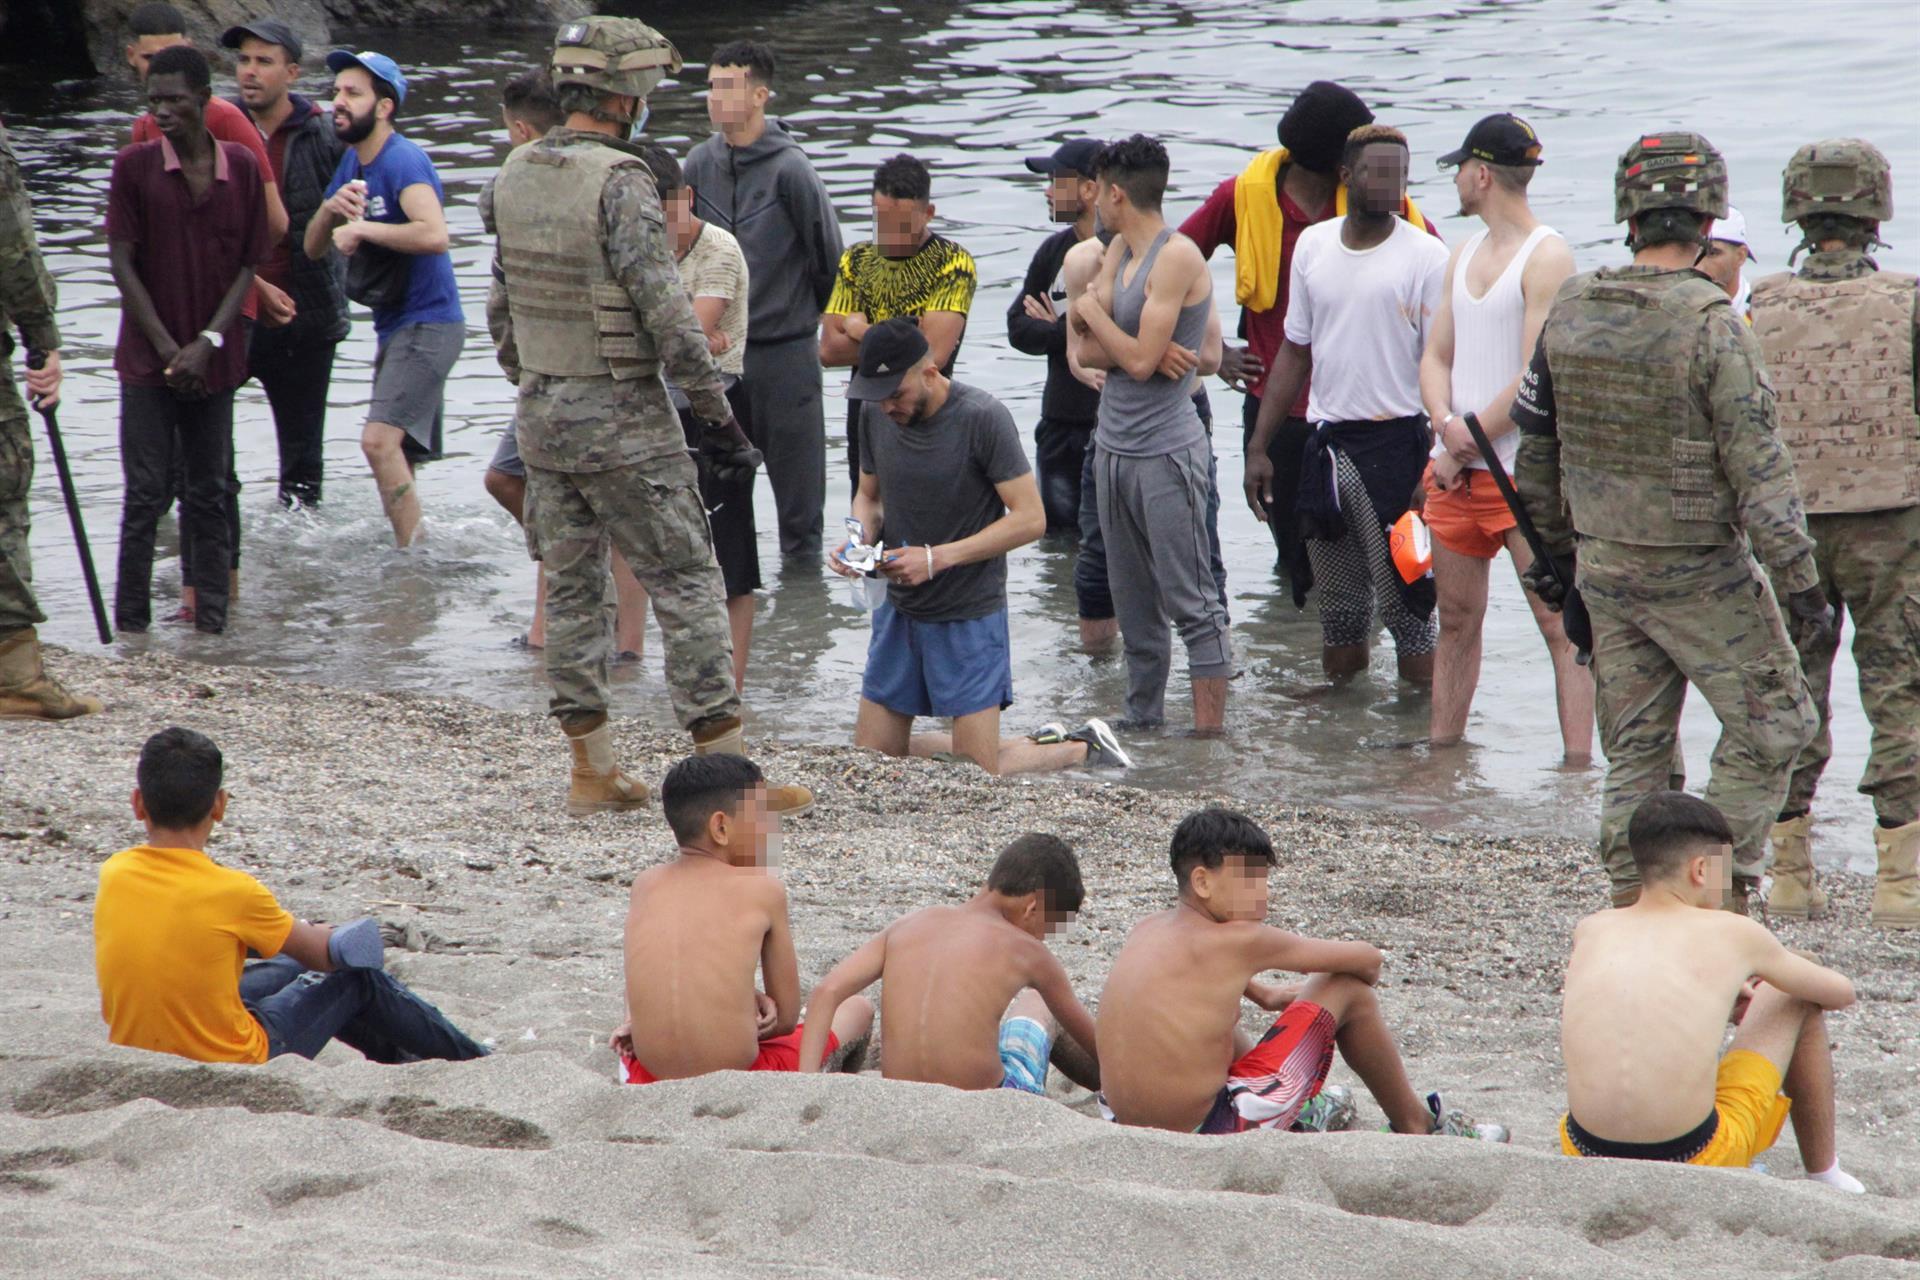 Soldados formam um cordão de isolamento em praia de Ceuta enquanto jovens marroquinos aguardam de pé ainda dentro d'água